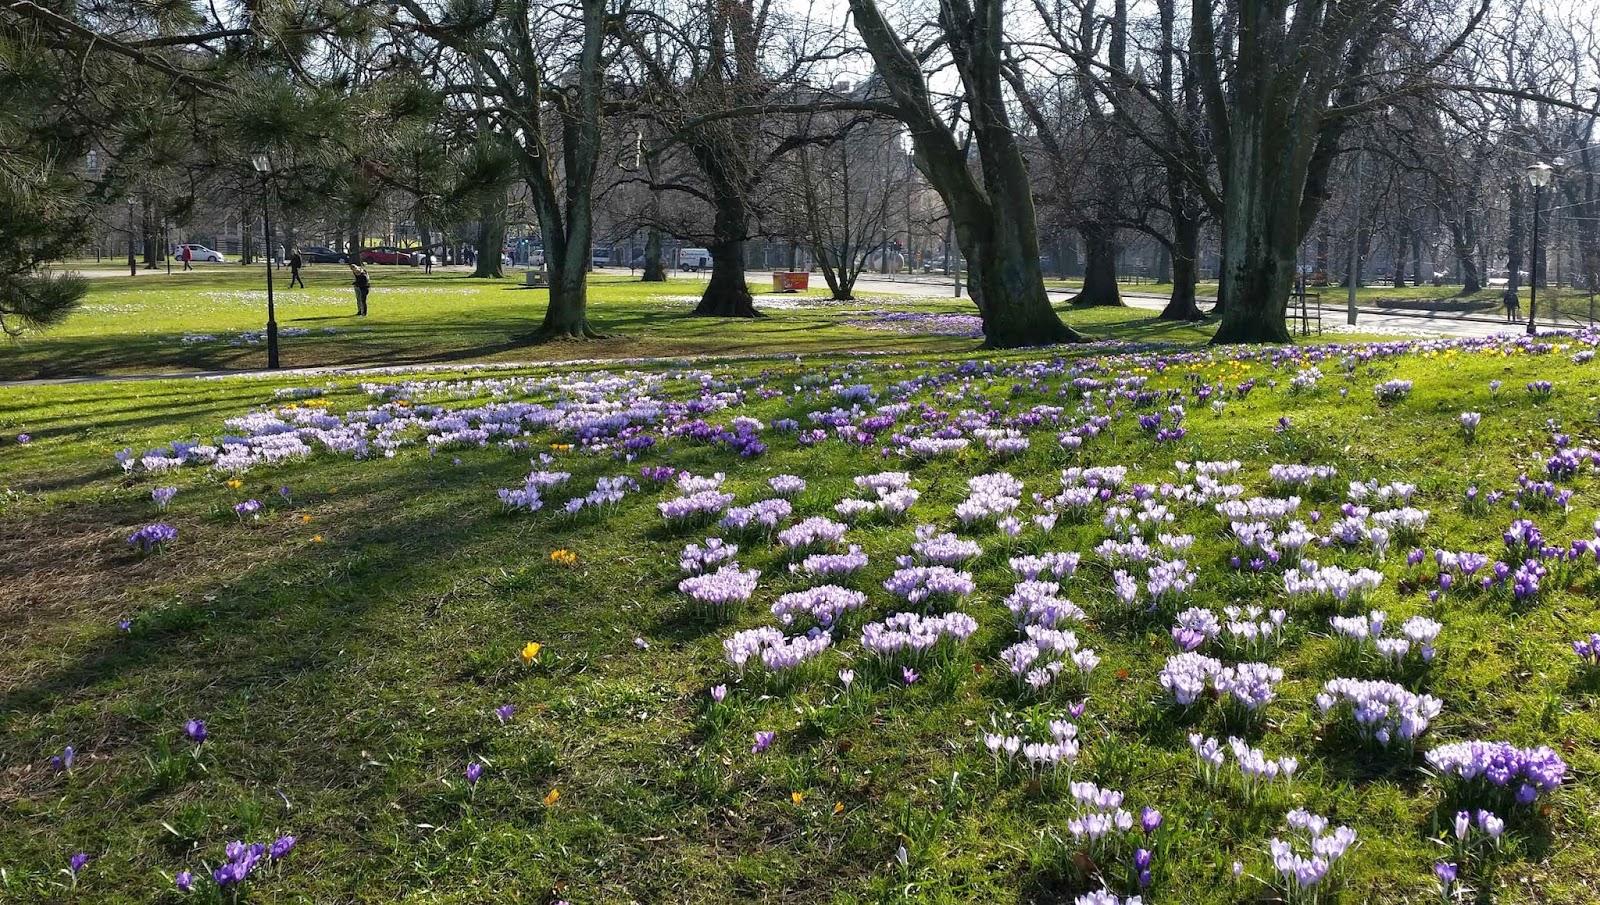 Krokusblomning i Kungsparken, Göteborg